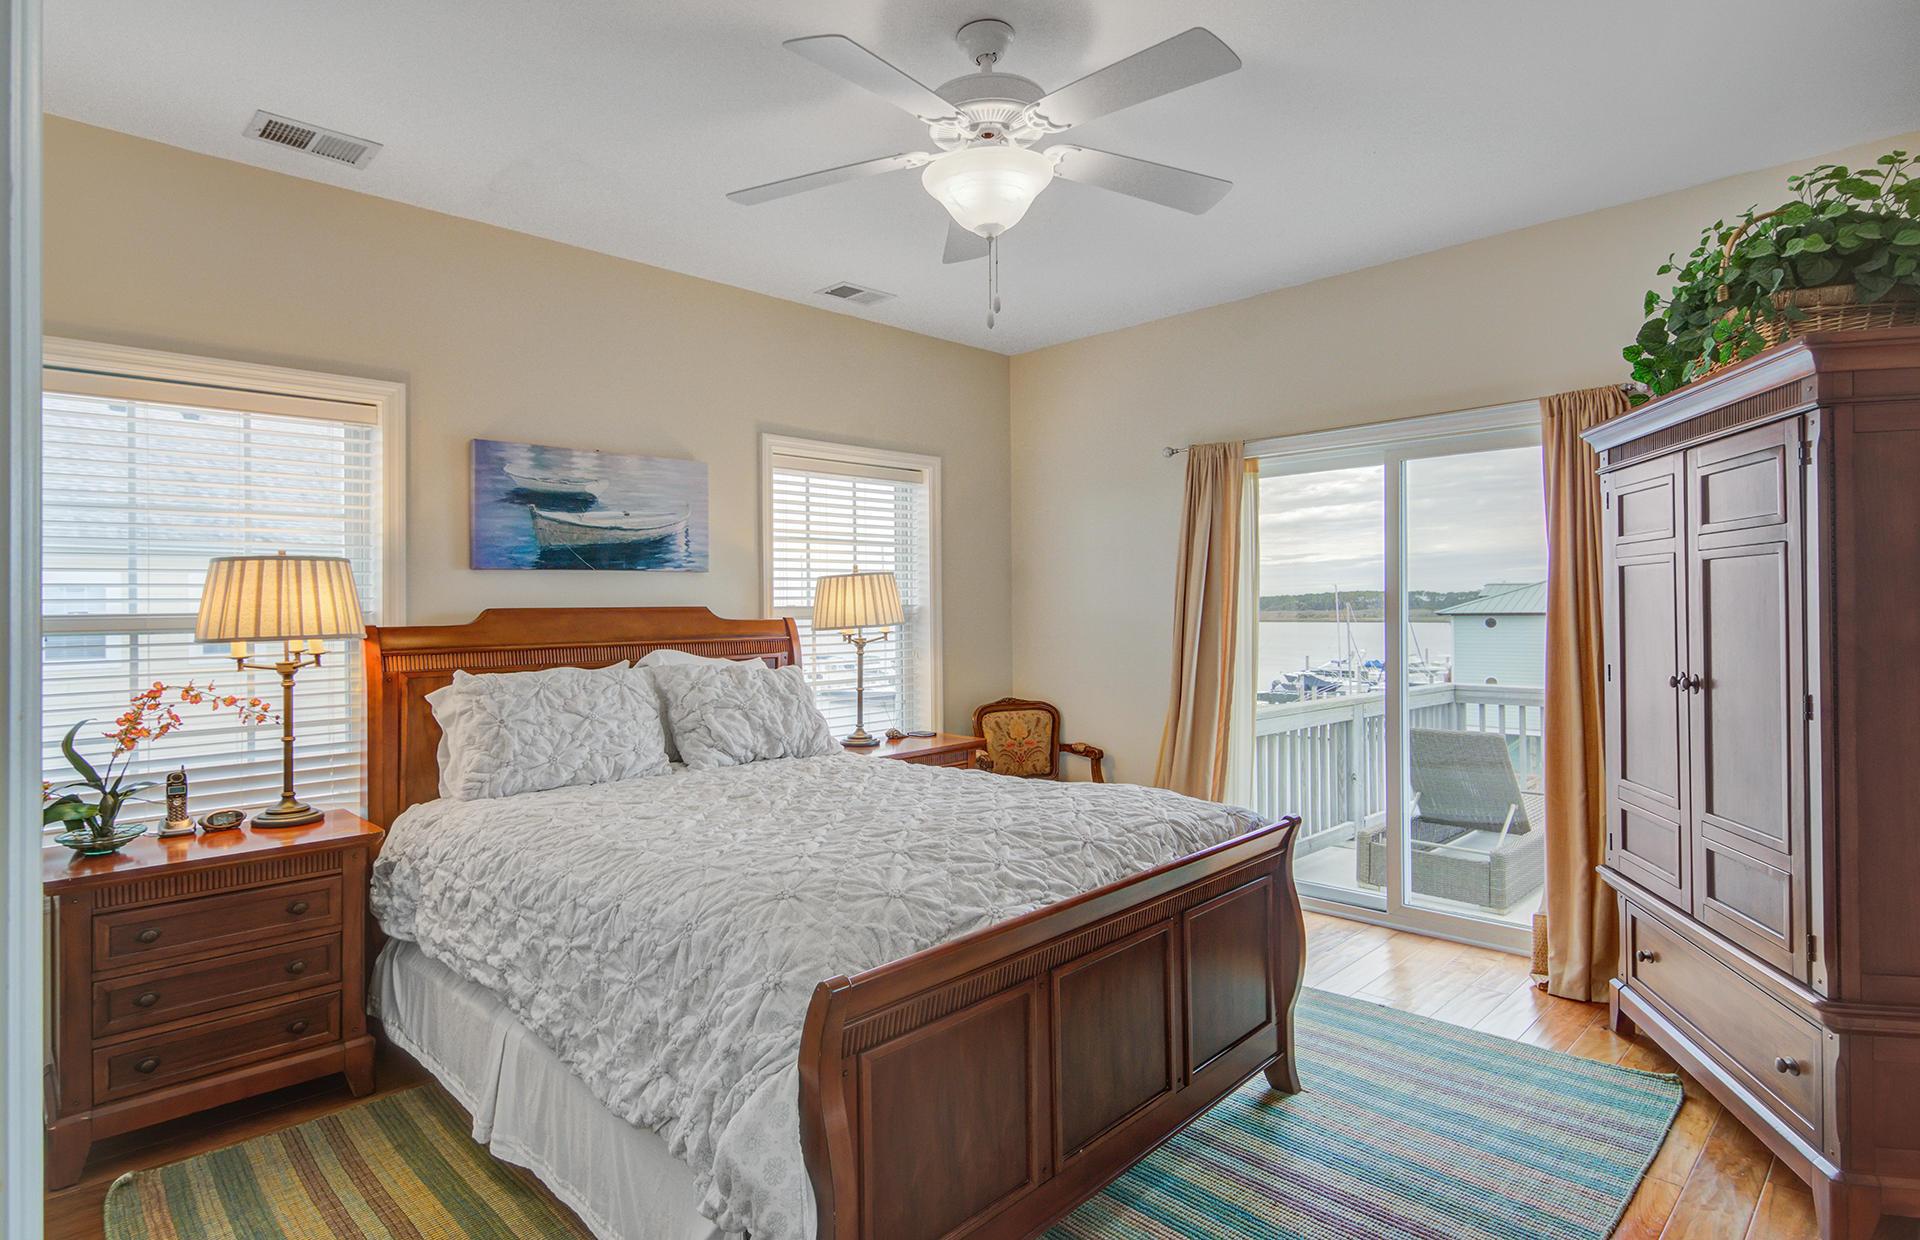 Sunset Cay Marina Homes For Sale - 67 9th, Folly Beach, SC - 40